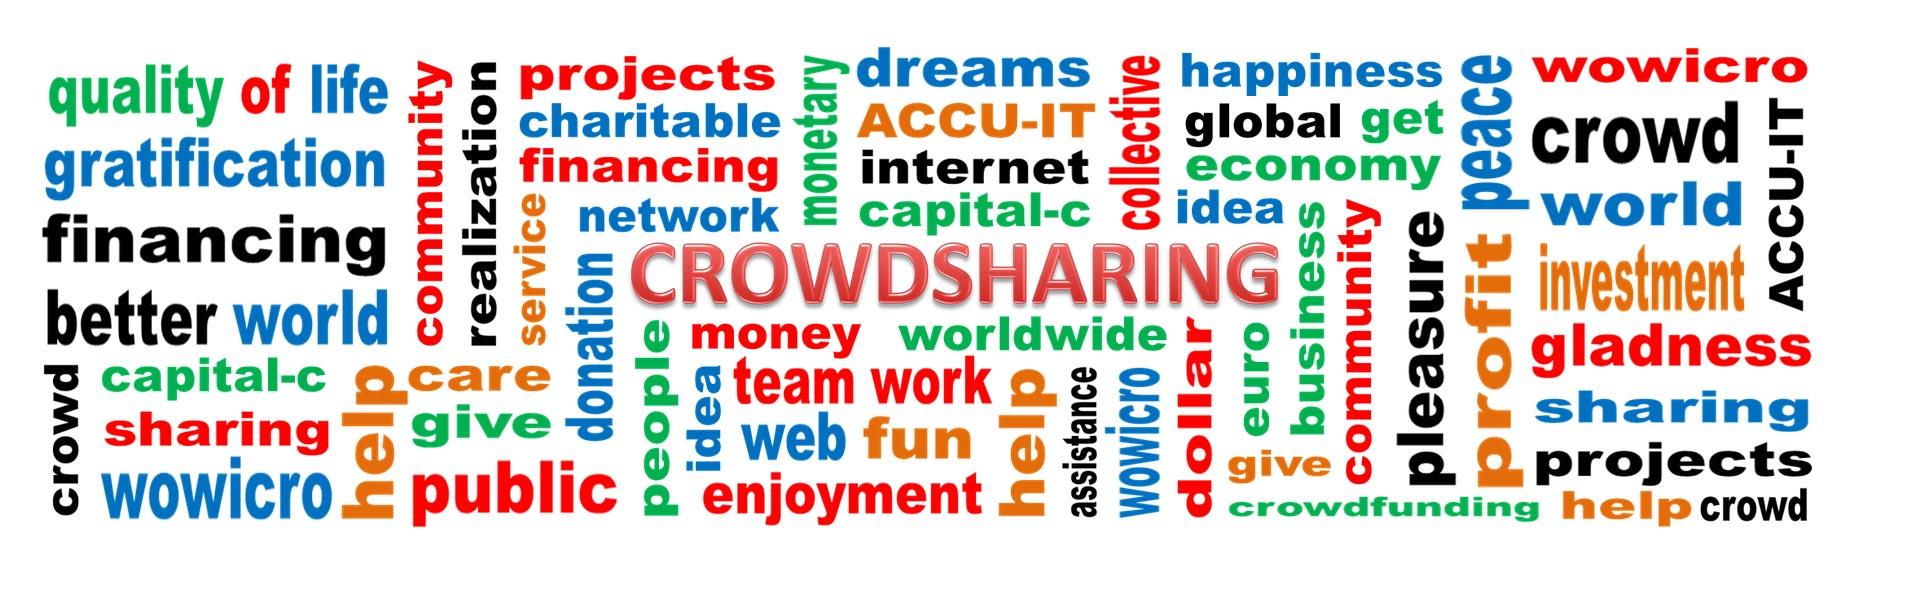 Crowdfunding - Viele Wörter zum Begriff